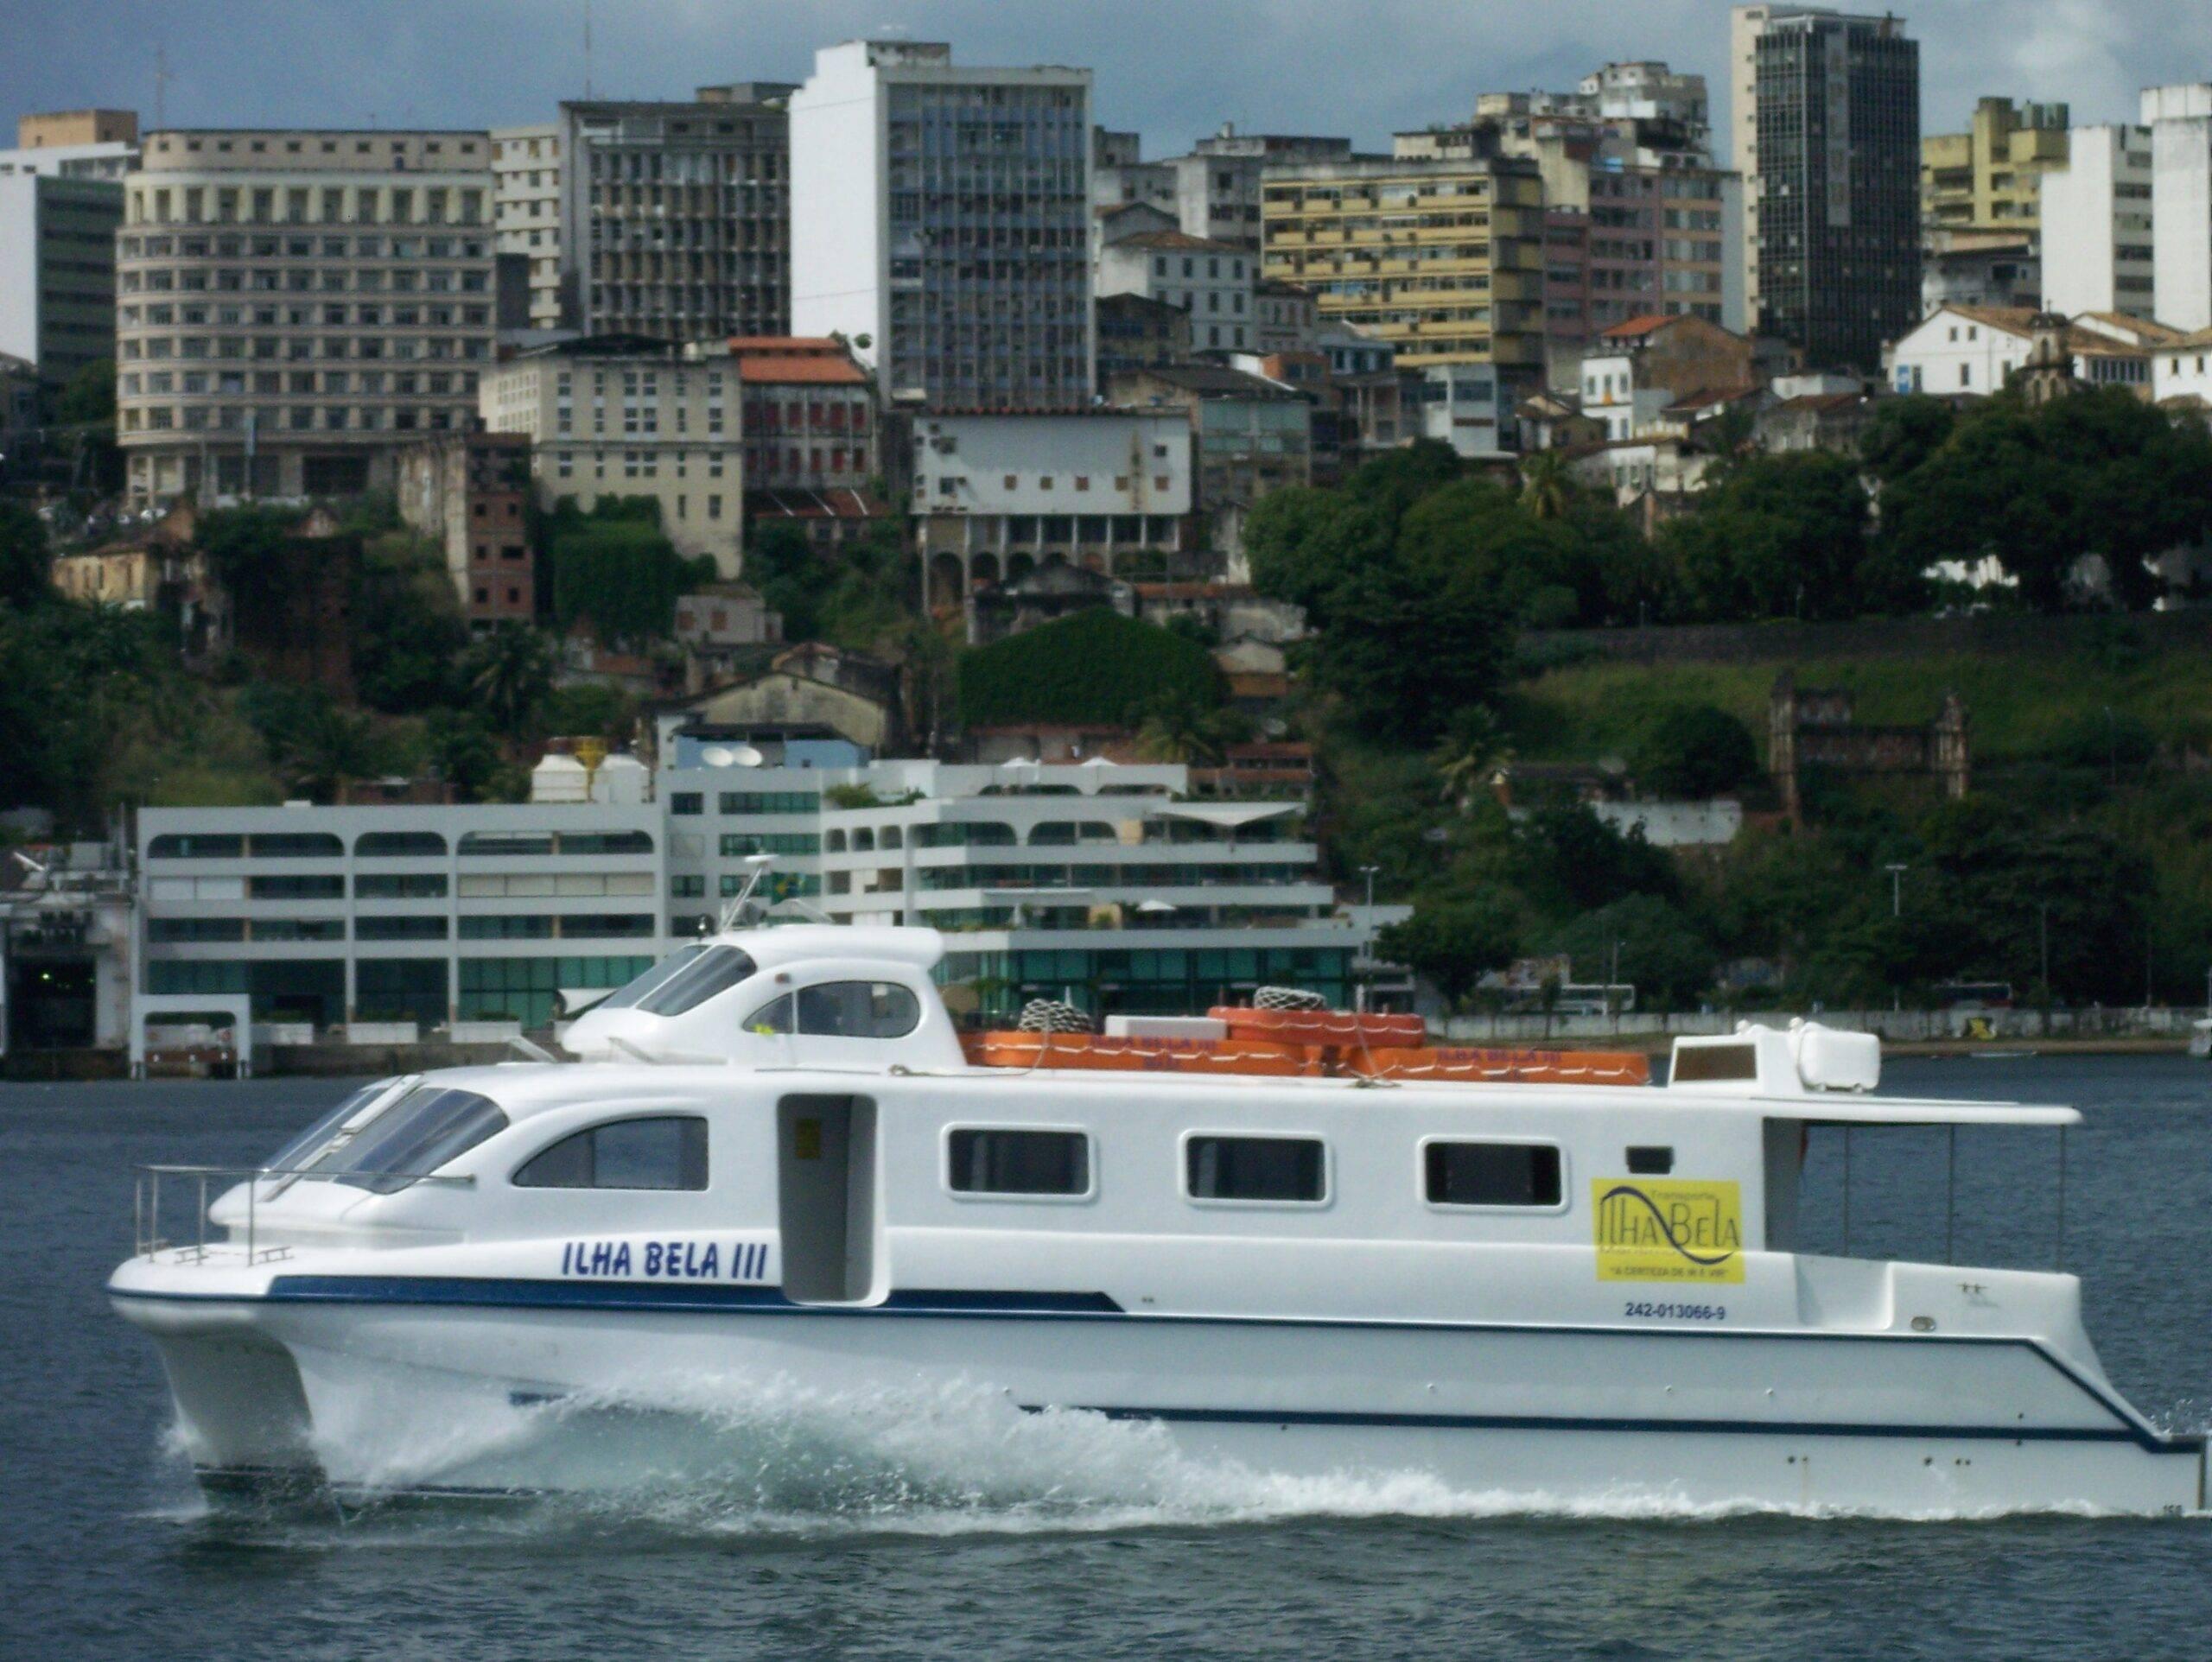 Catamarã Ilha Bela III, chegando em Salvador